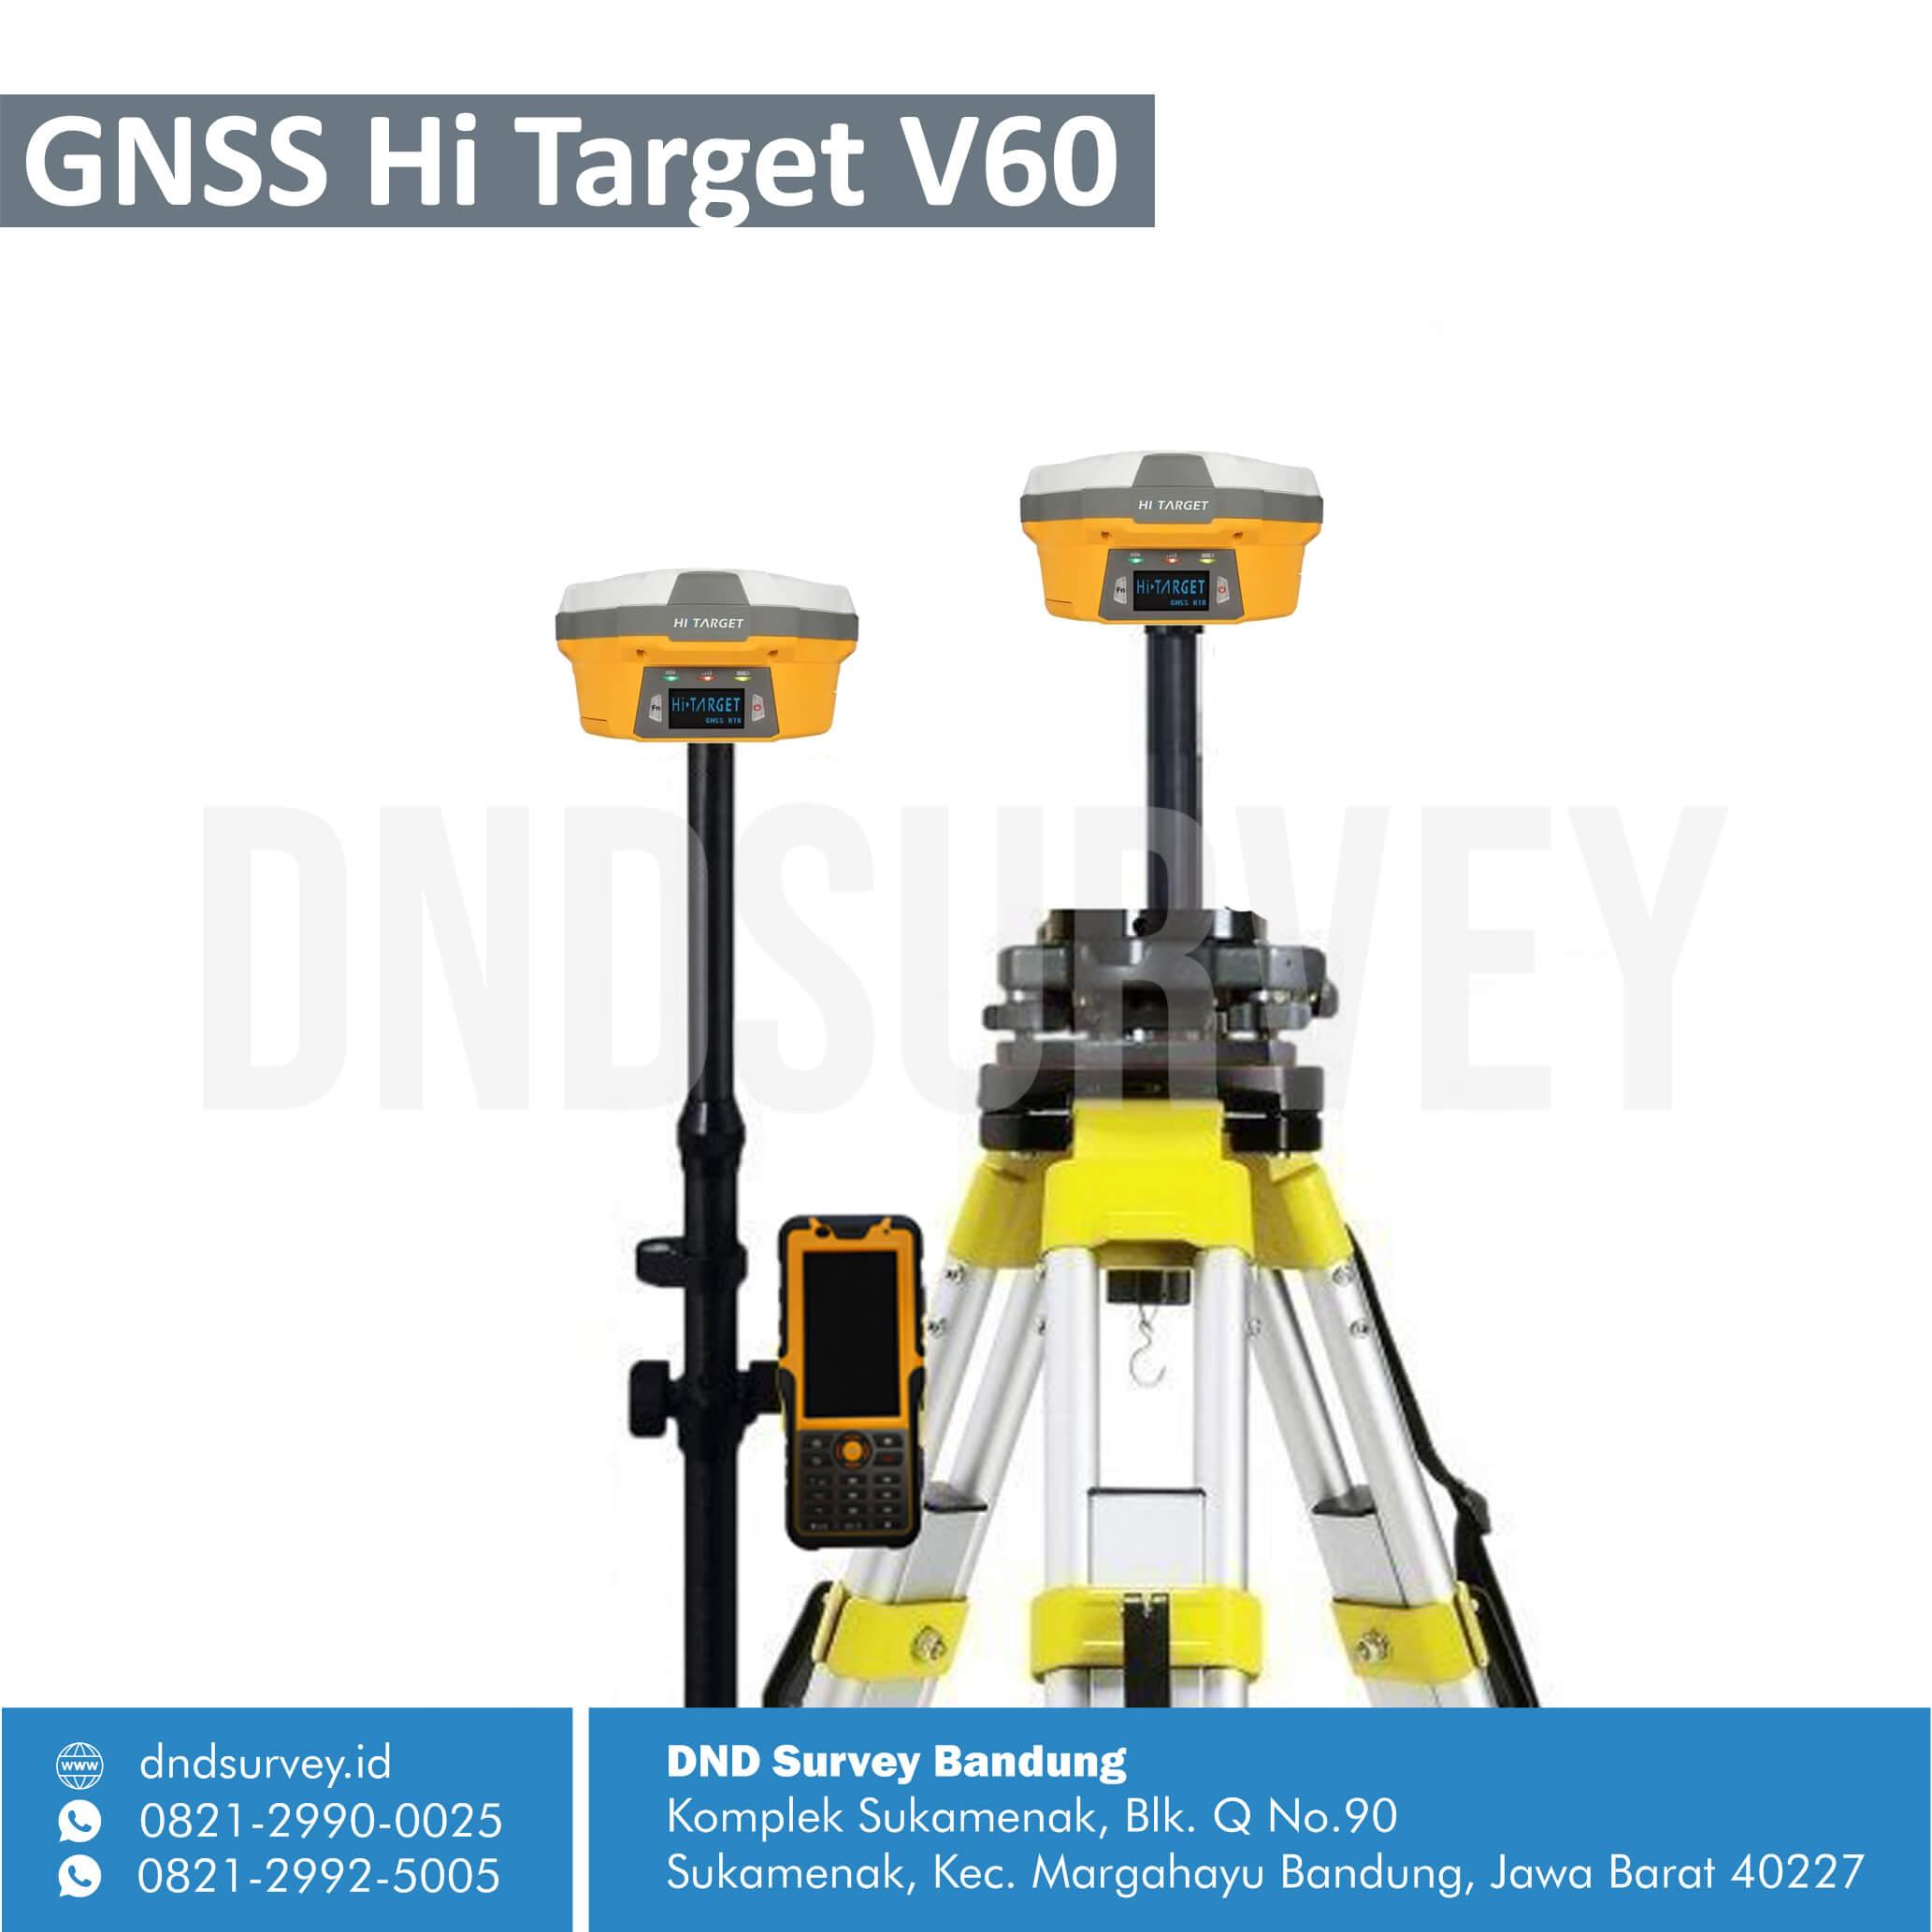 GNSS Hi Target V60